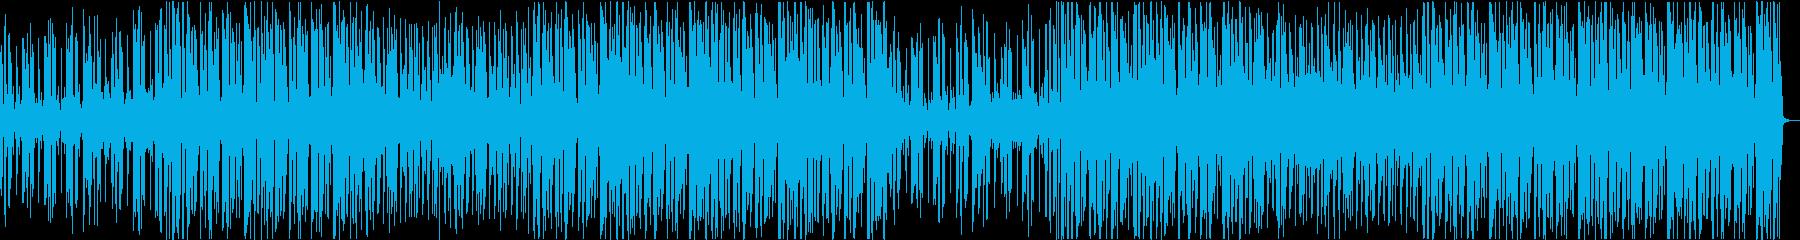 クールな雰囲気のファンクミュージックの再生済みの波形